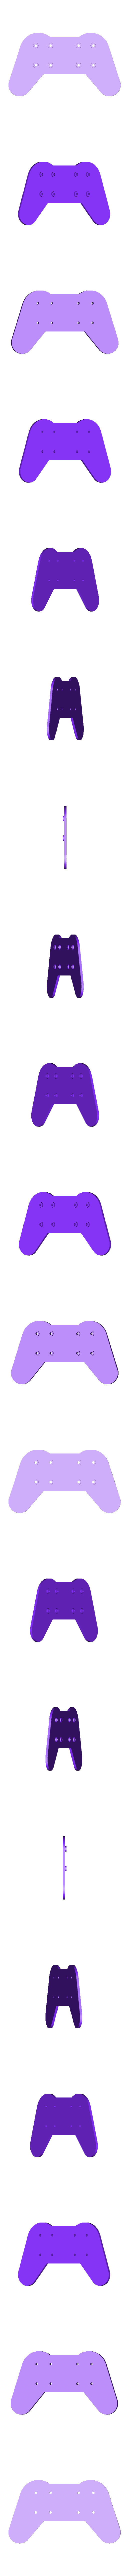 controller-bracket.stl Download free SCAD file Joystick controller test bracket • 3D printer object, t0b1